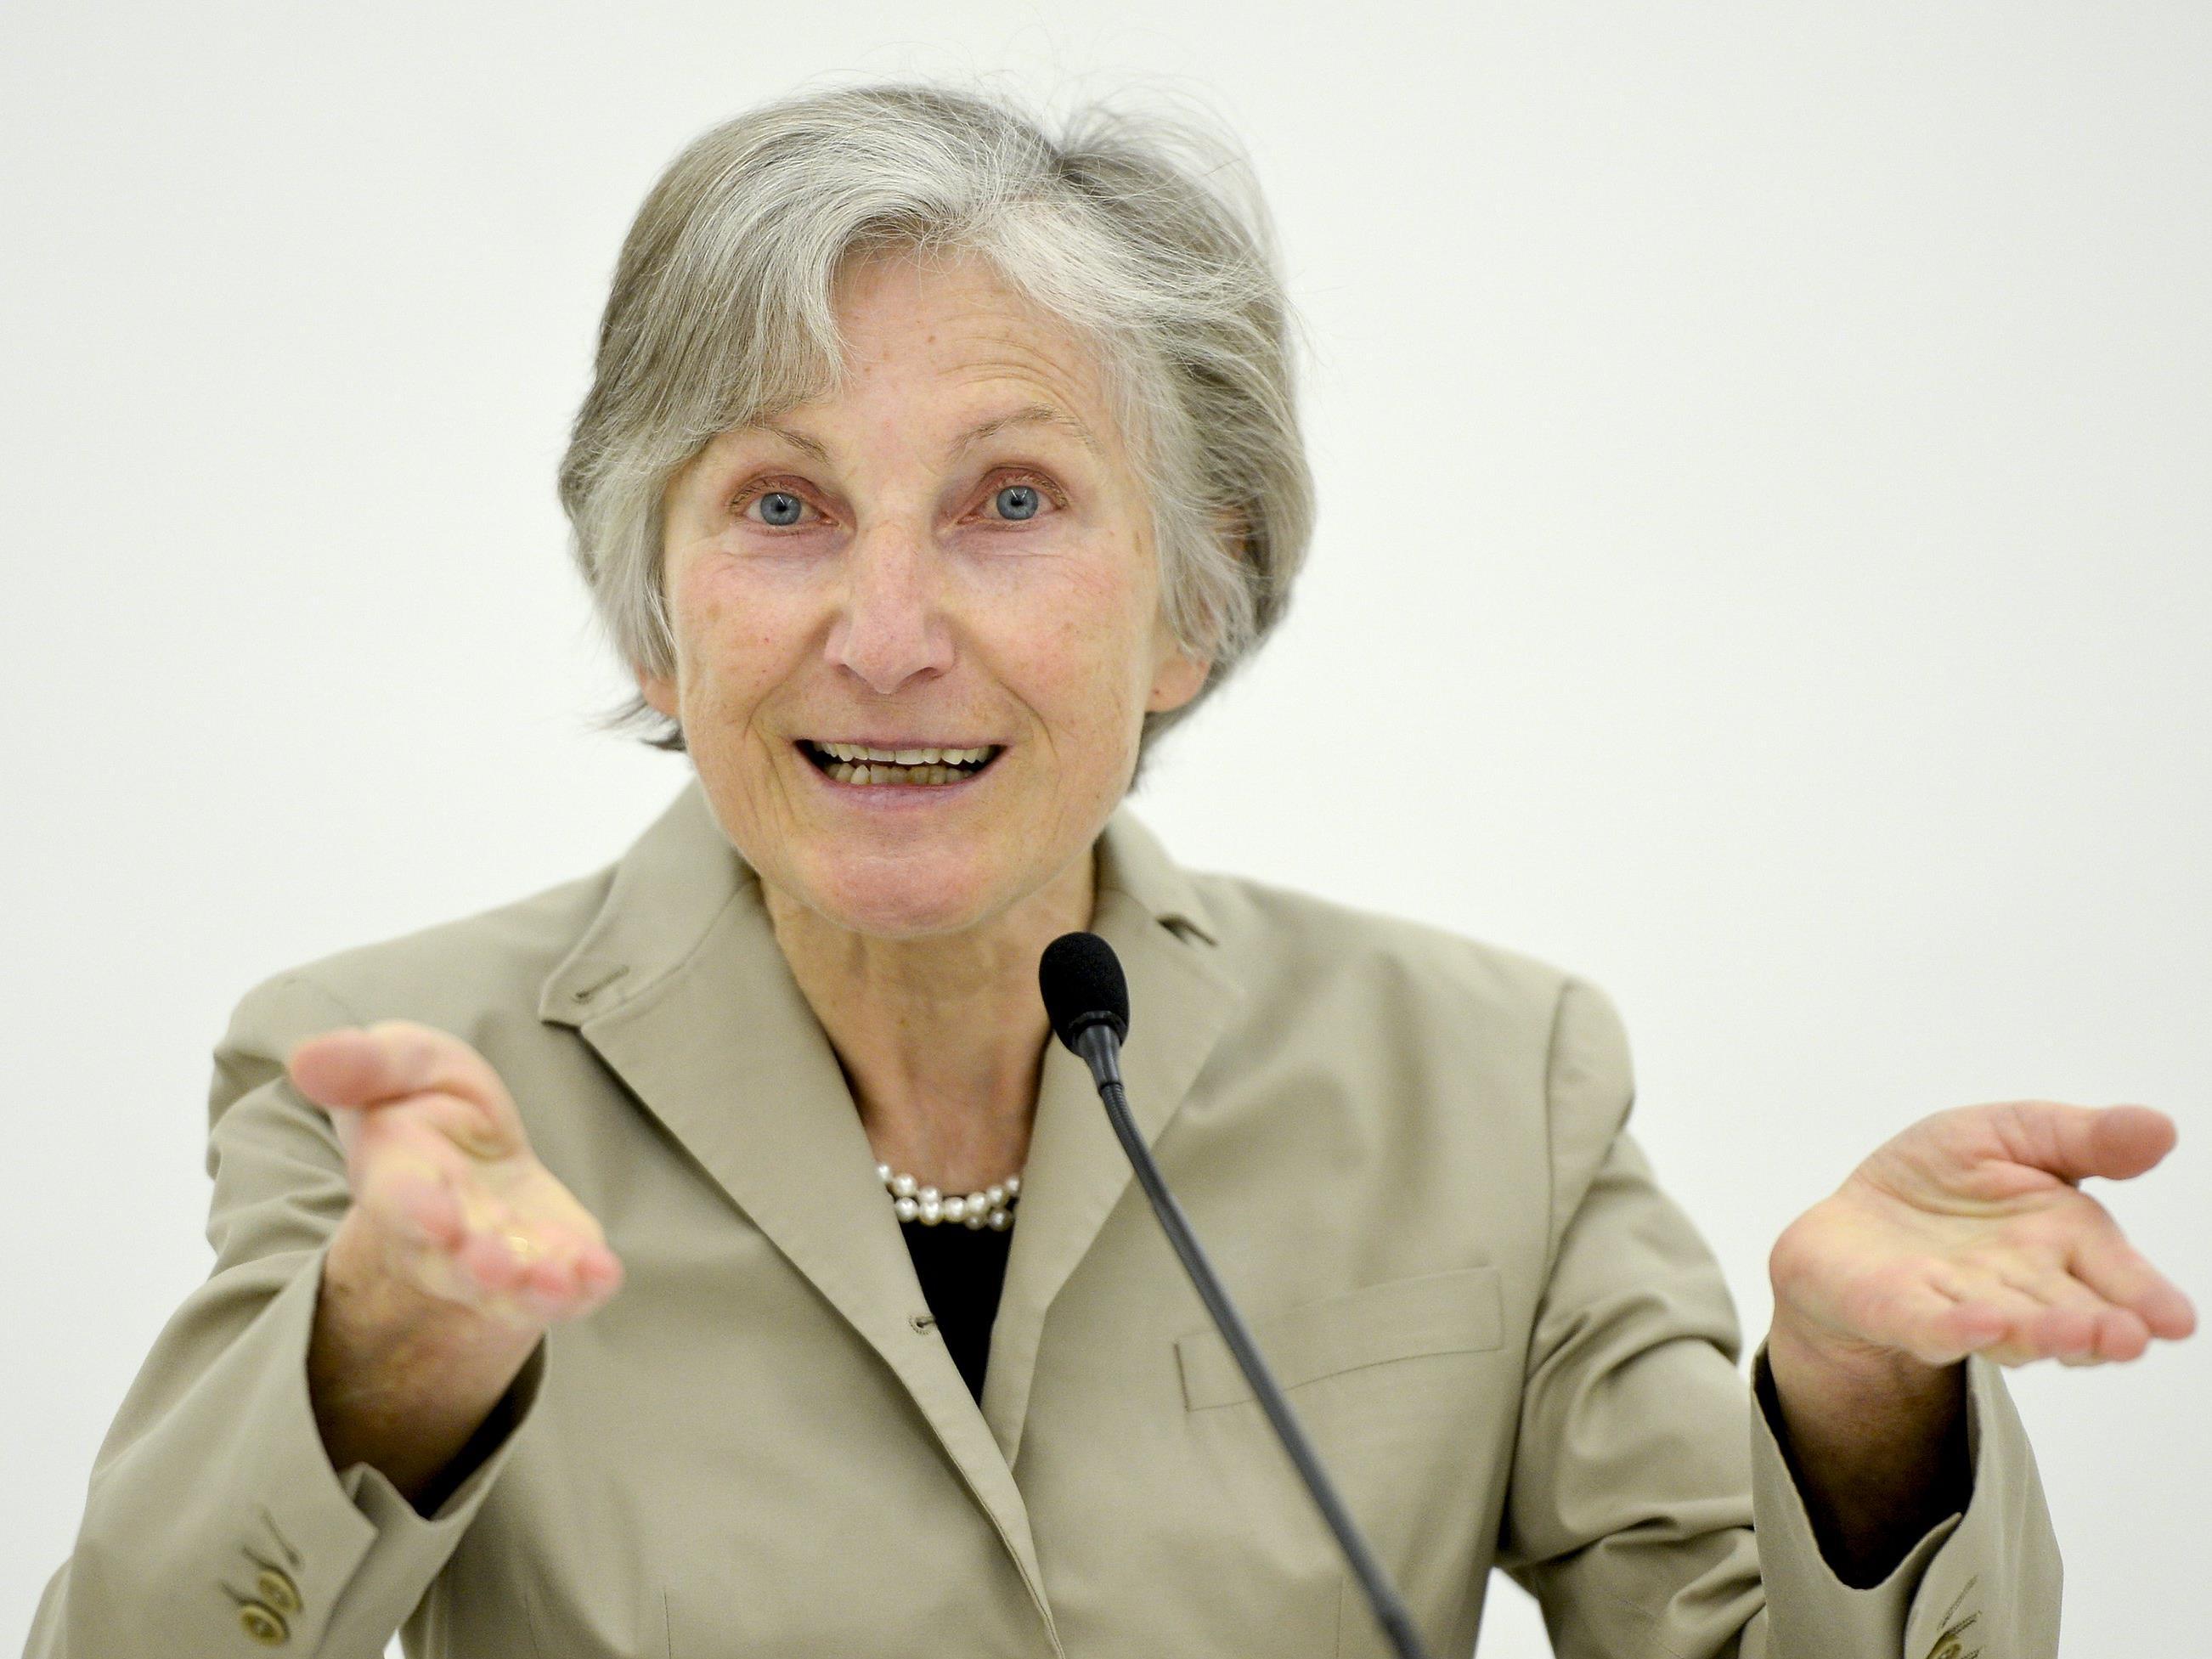 Irmgard Griss mit eigener Partei oder Plattform bei der NR-Wahl 2018?